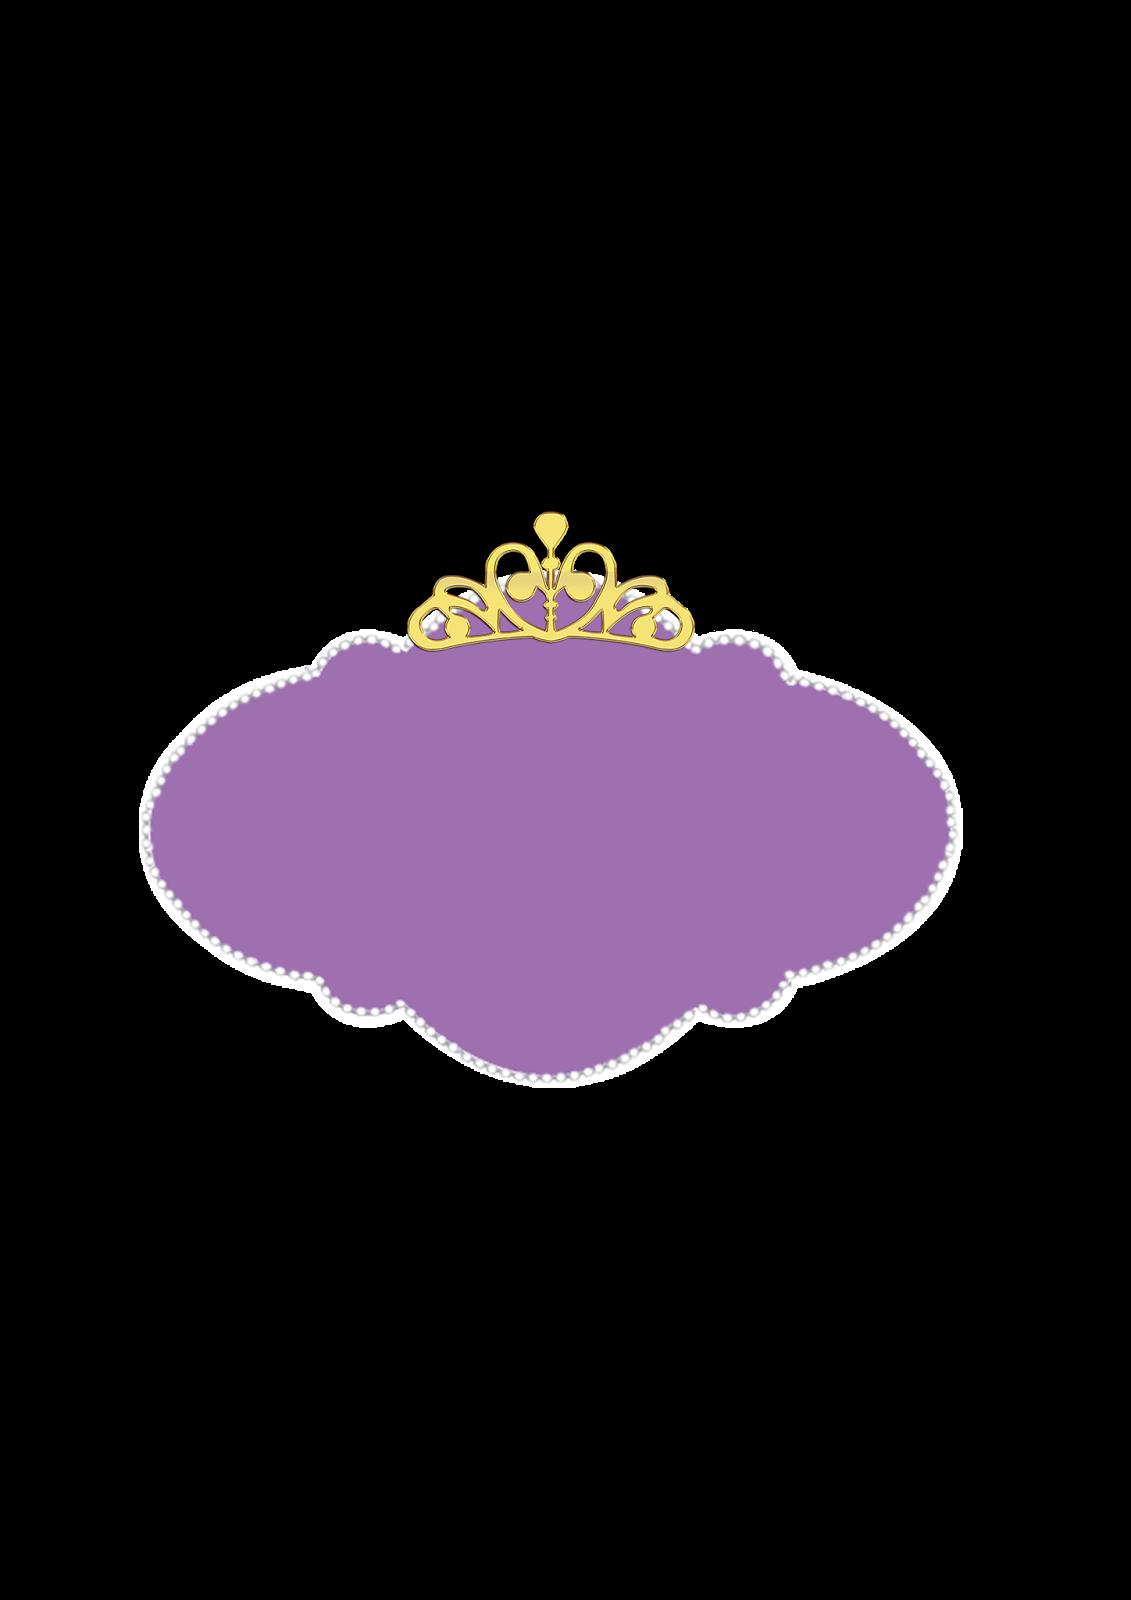 Clipart castle princess sofia. Http eng ohmyfiesta com